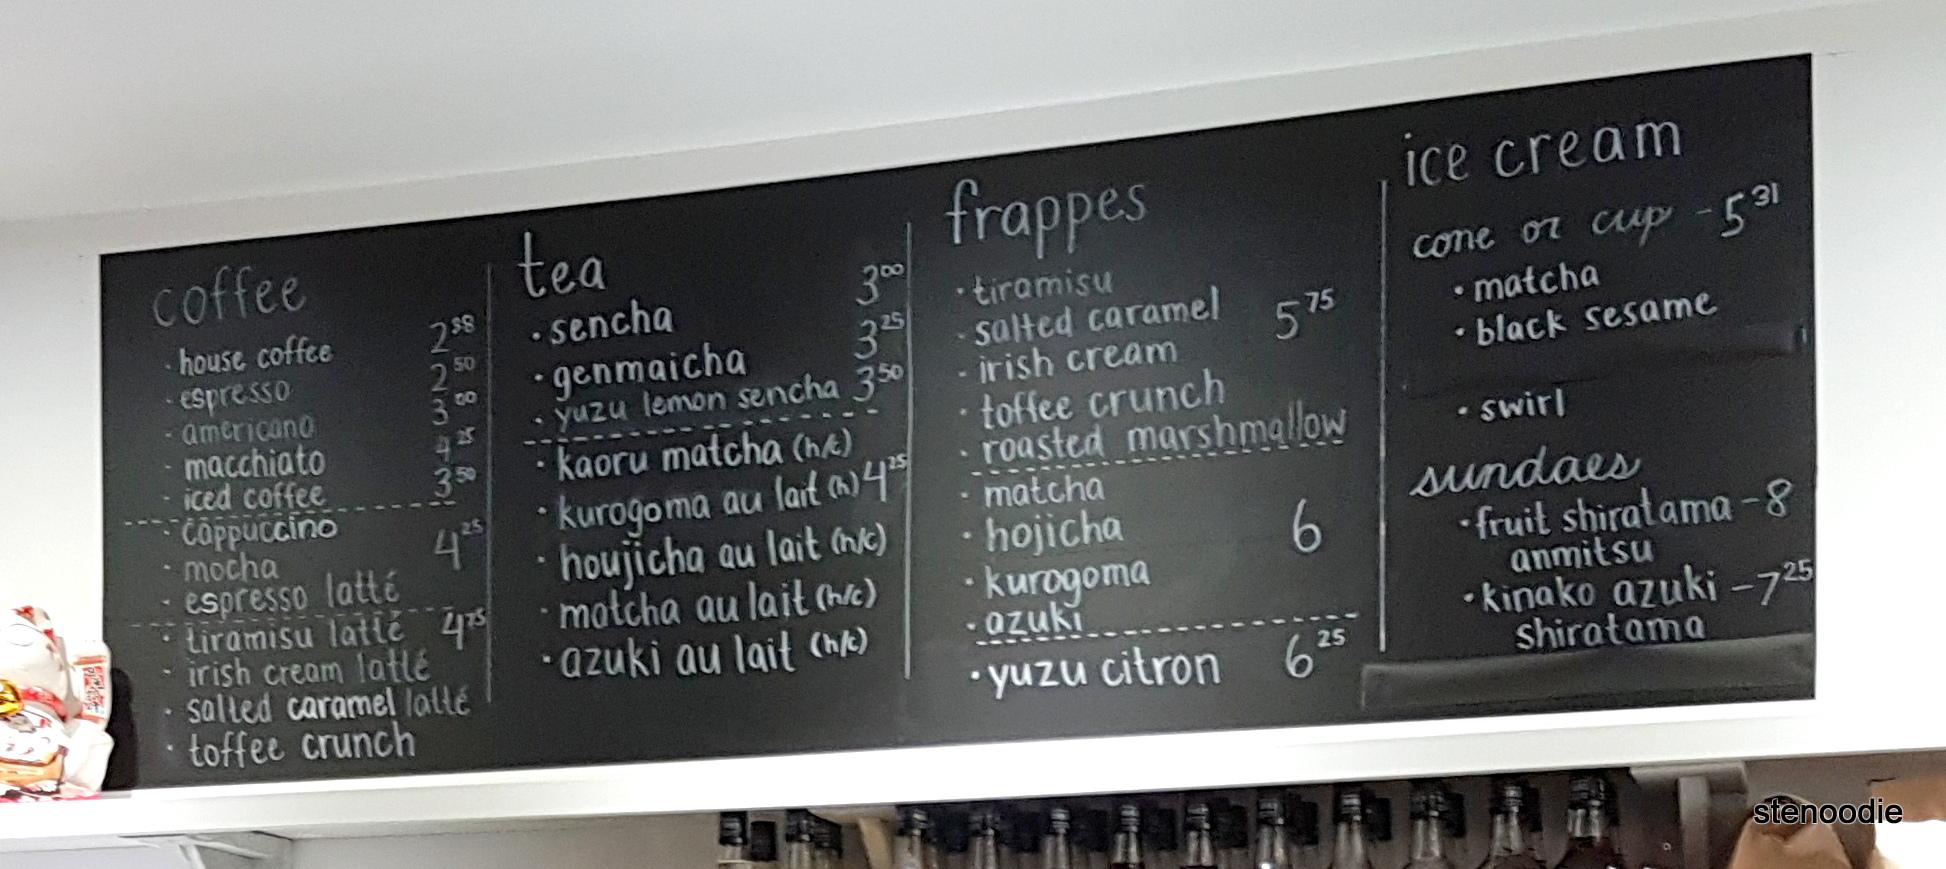 Patisserie Kirin drinks menu and prices